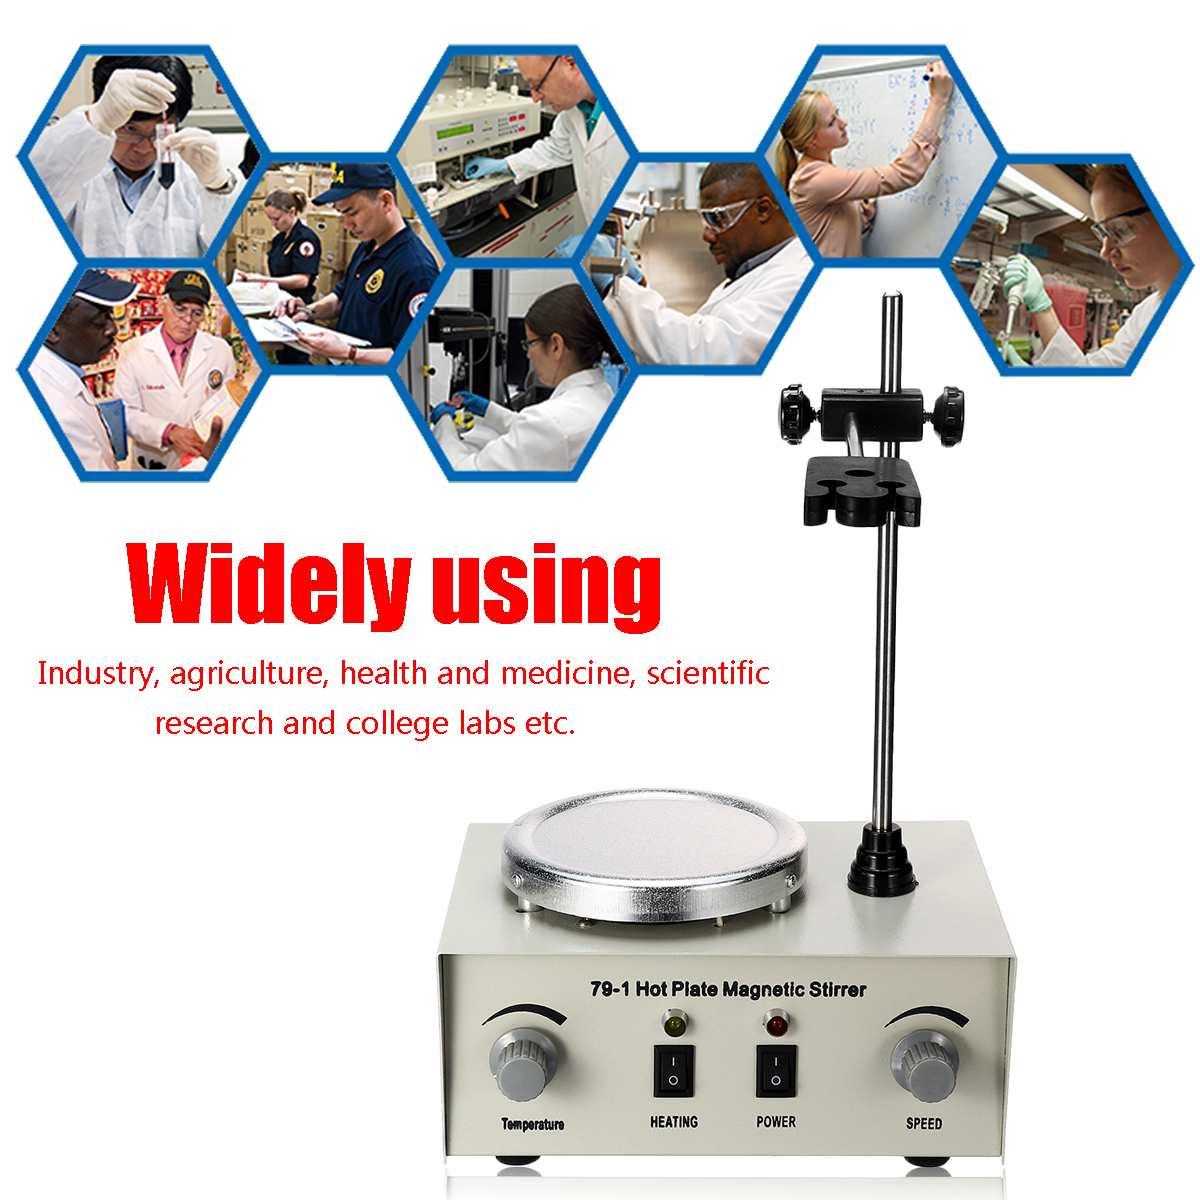 Mélangeur de double contrôle de chauffage de laboratoire US/AU/EU 79-1 110/220 V 250 W agitateur magnétique de plaque chaude 1000 ml aucune Protection de fusibles de bruit/Vibration - 2